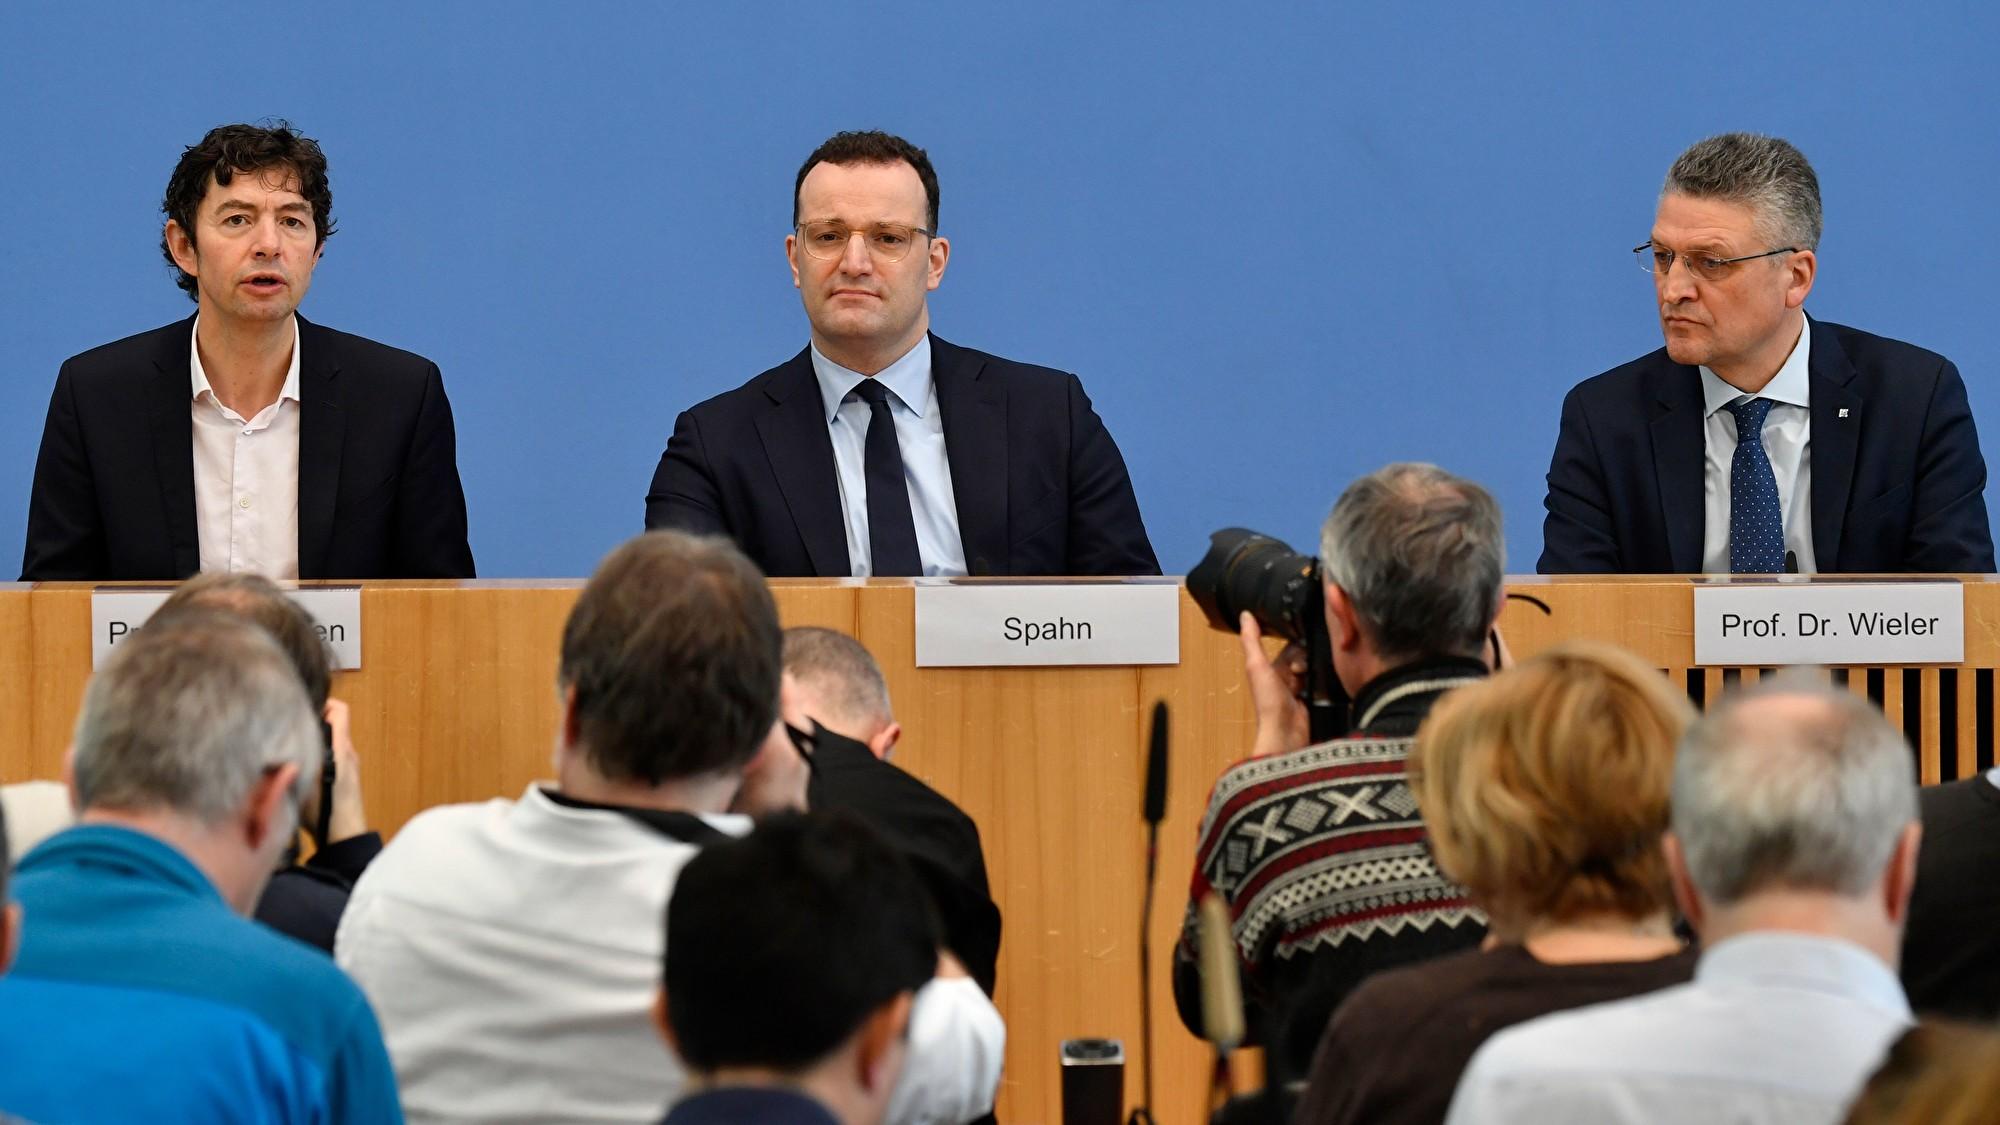 2020年3月2日,德國衛生部召開新聞發佈會,介紹中共肺炎最新疫情,中為德國衛生部長斯潘(Jens Spahn)。(JOHN MACDOUGALL/AFP via Getty Images)